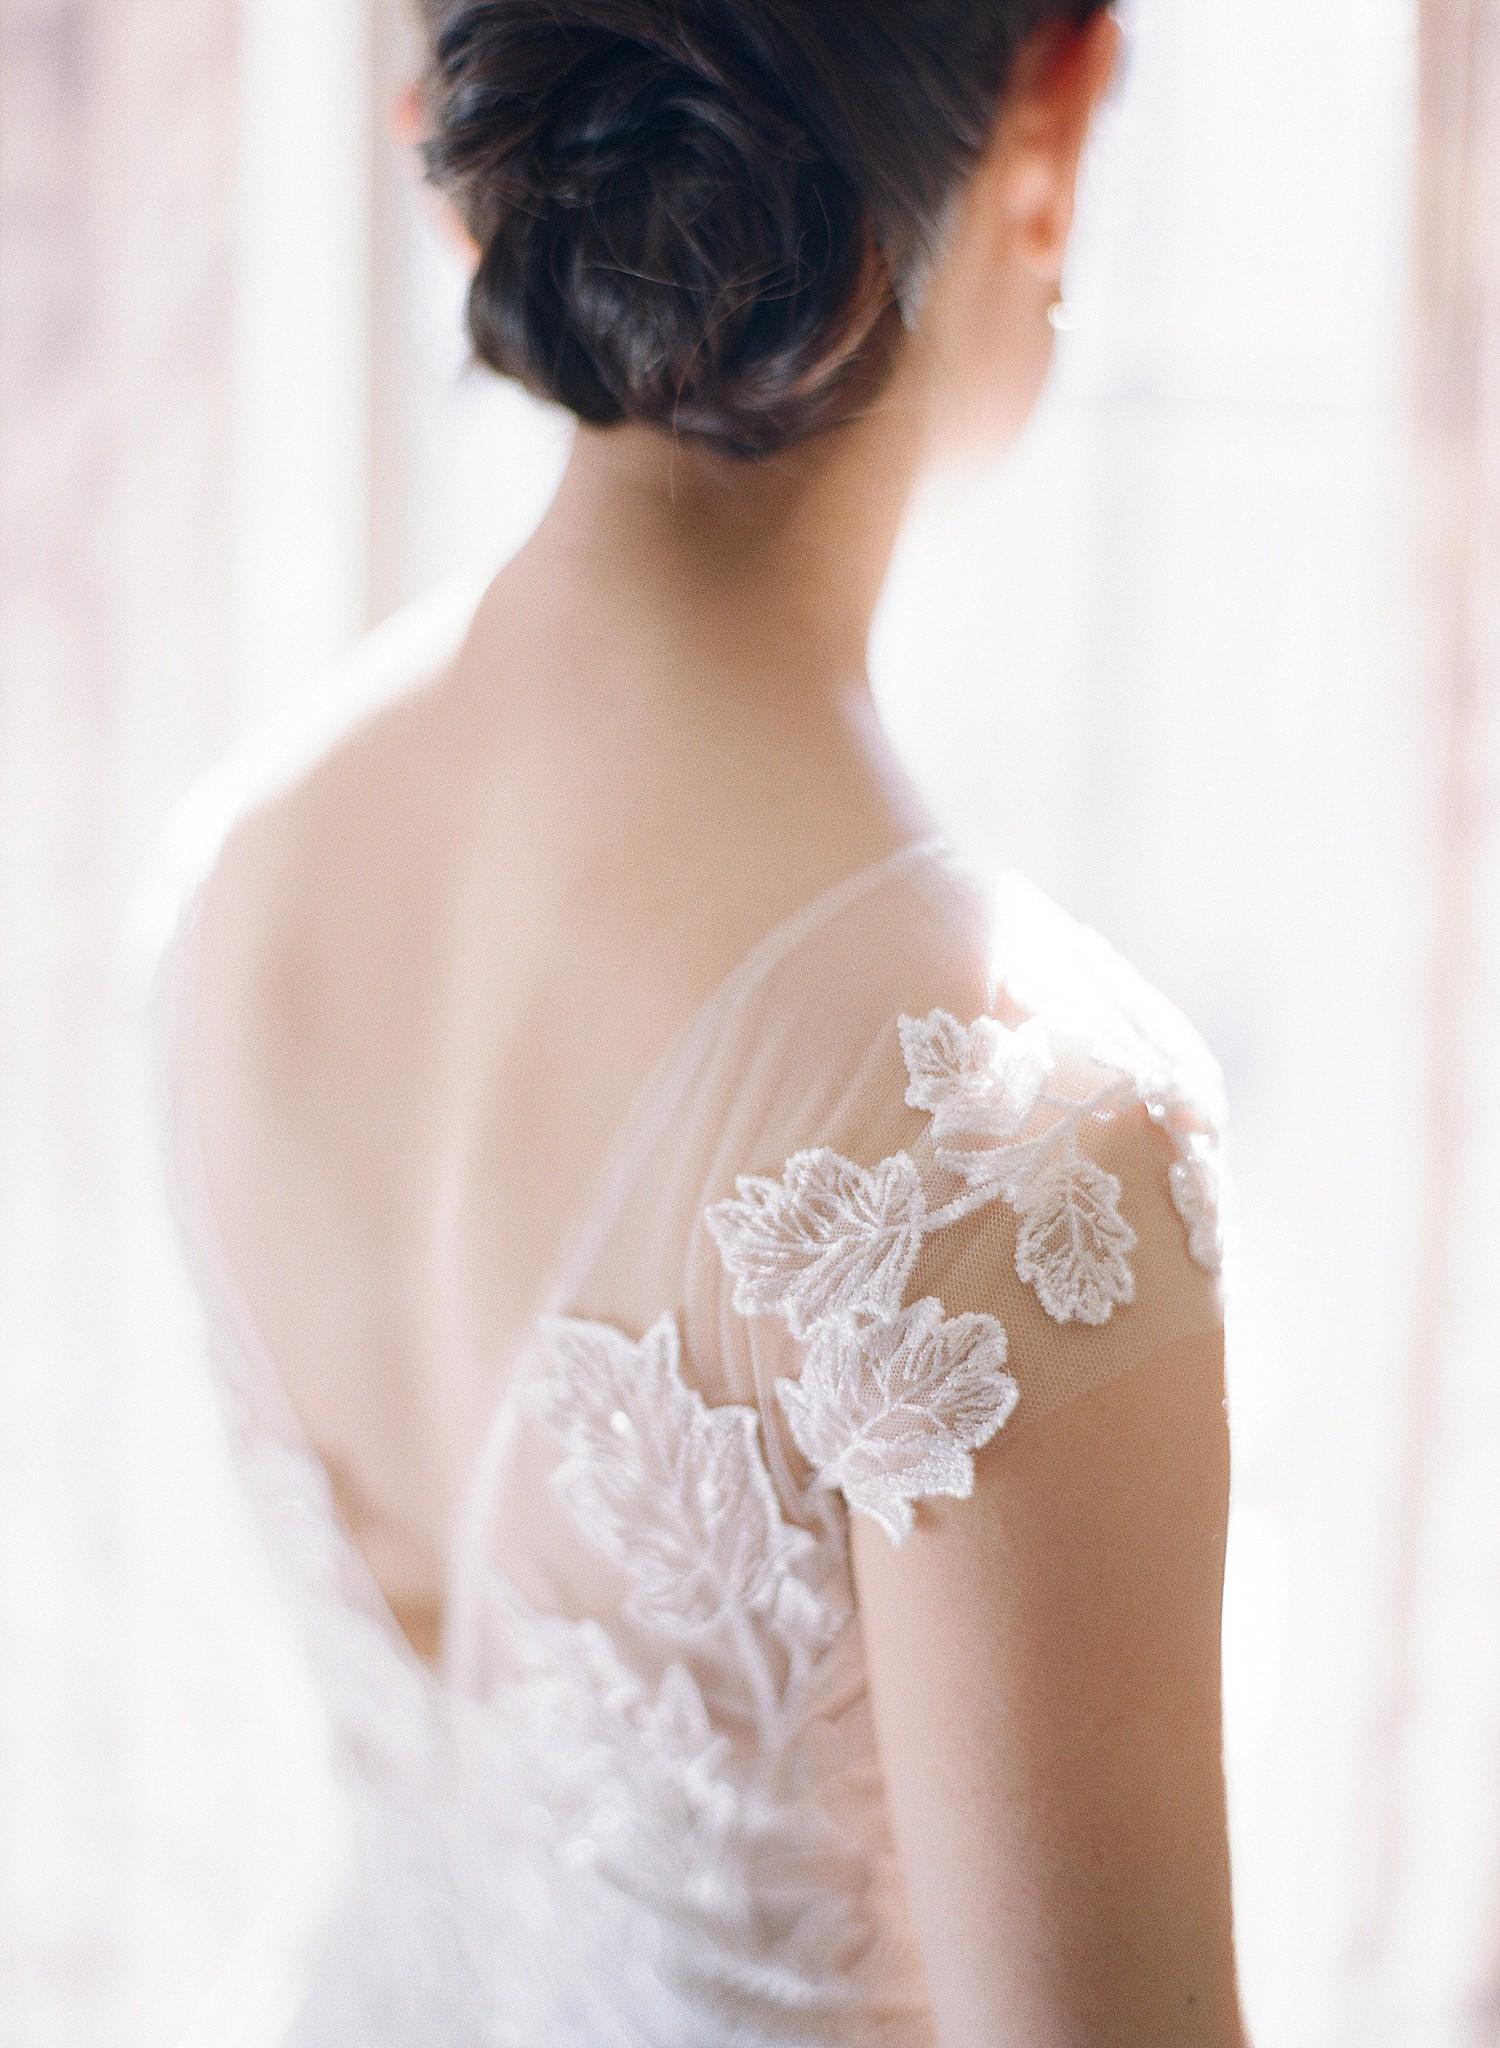 St Regis DC Wedding photos in bridal suite